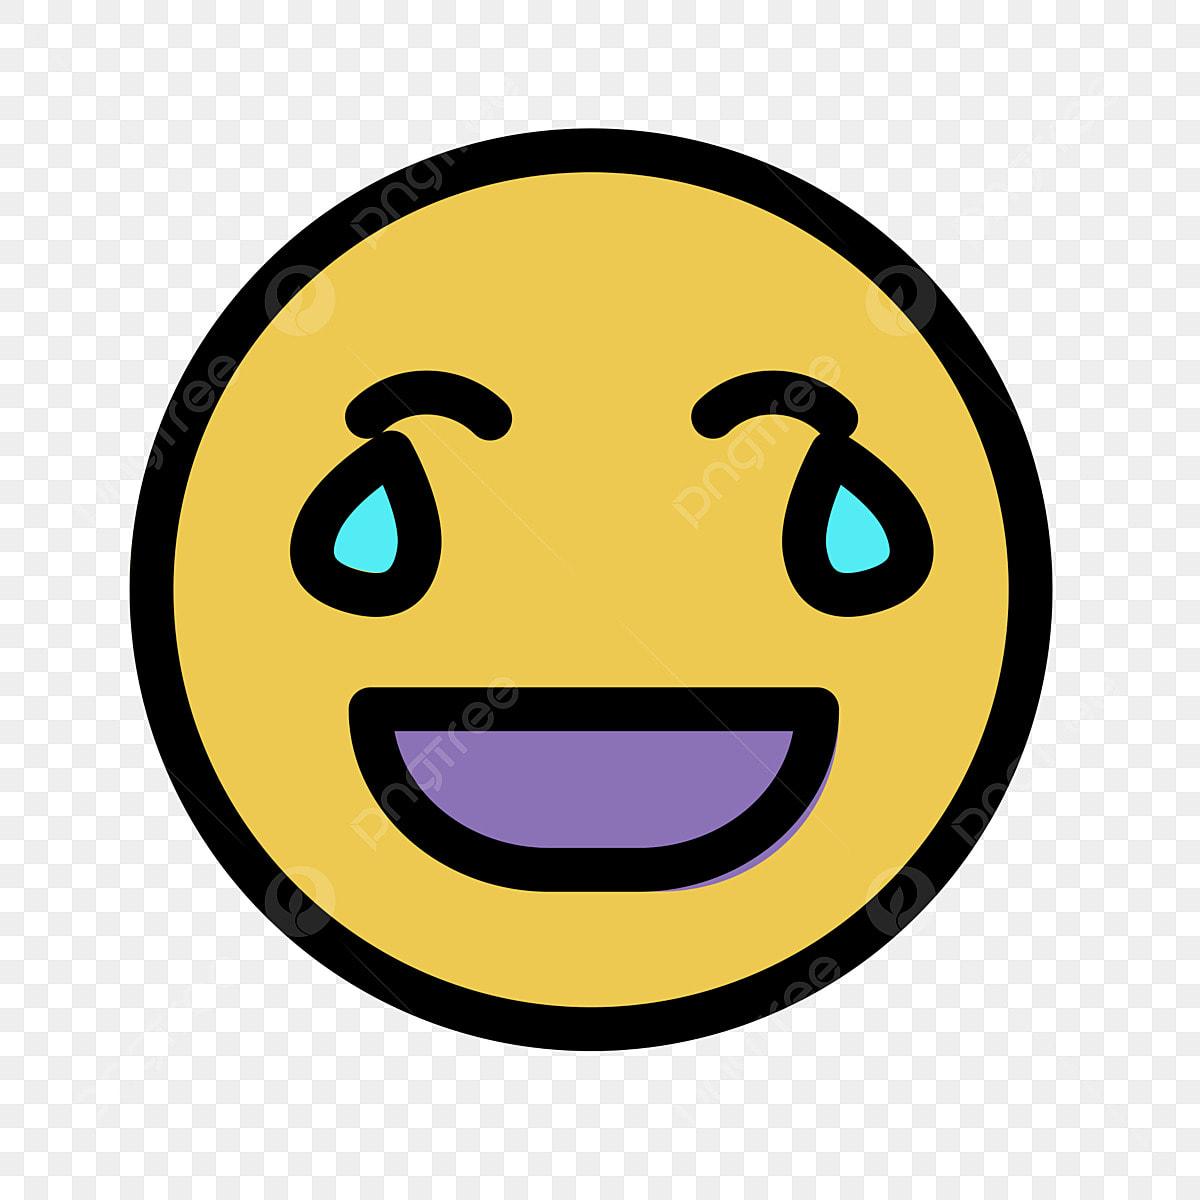 Pleurer Et Rire Icone D Emoticone Emoticone De Personnage Interface Utilisateur Plate Fichier Png Et Psd Pour Le Telechargement Libre